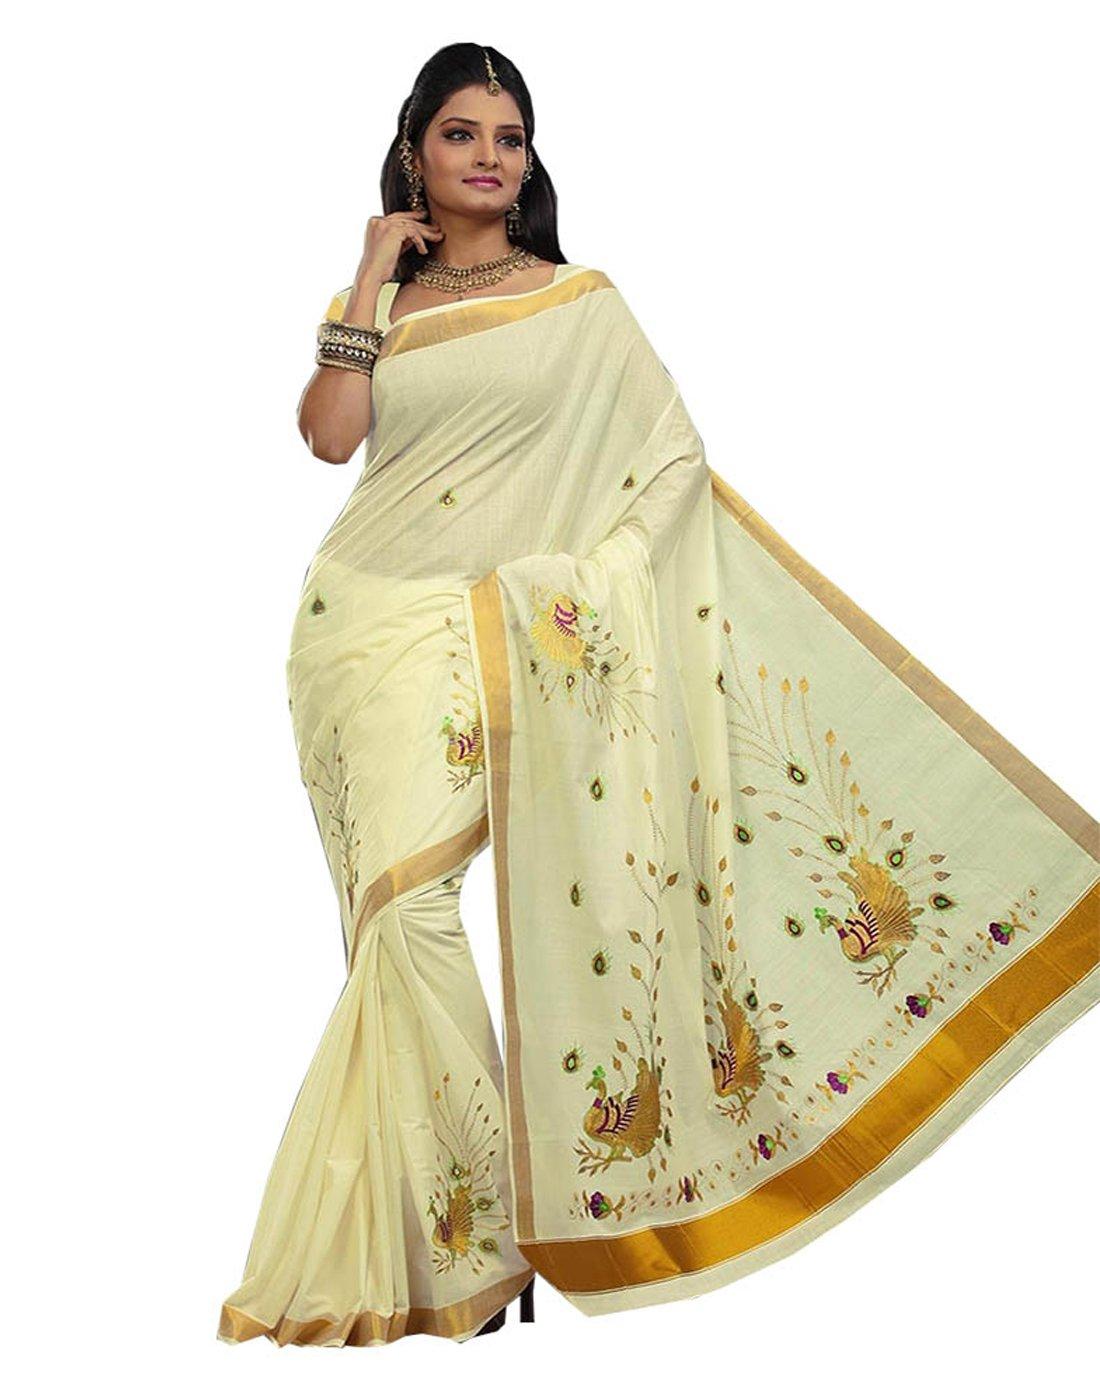 JISB Kerala Kasavu Peacock Embroidered Cotton Saree with running blouse piece